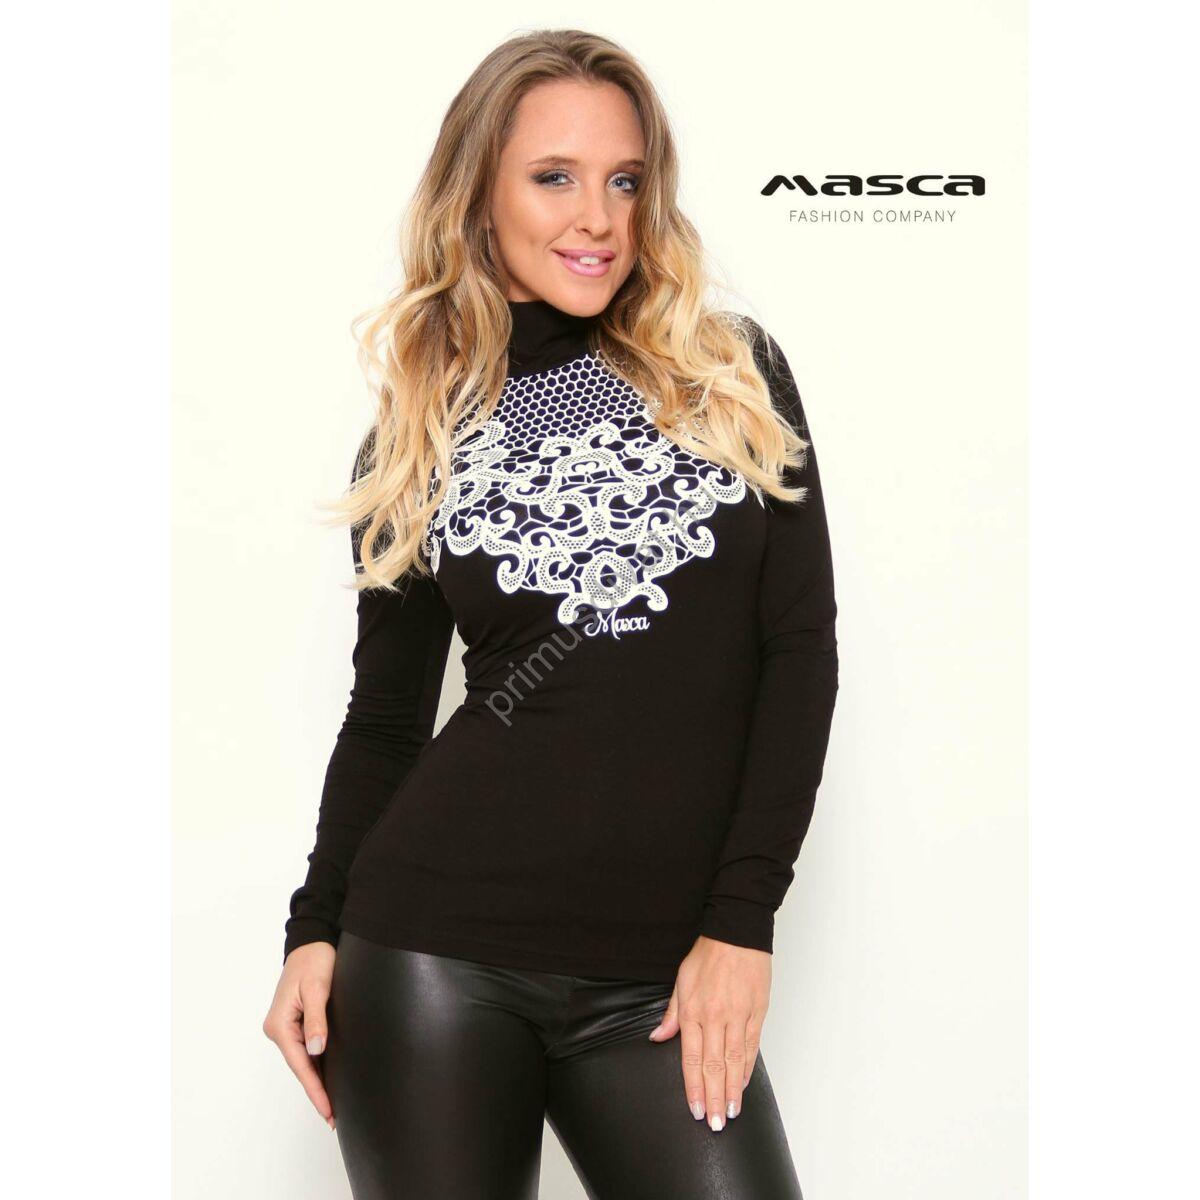 9669734c4b Kép 1/1 - Masca Fashion garbós nyakú szűk fekete felső, mellrészén nyomott  fehér mintával